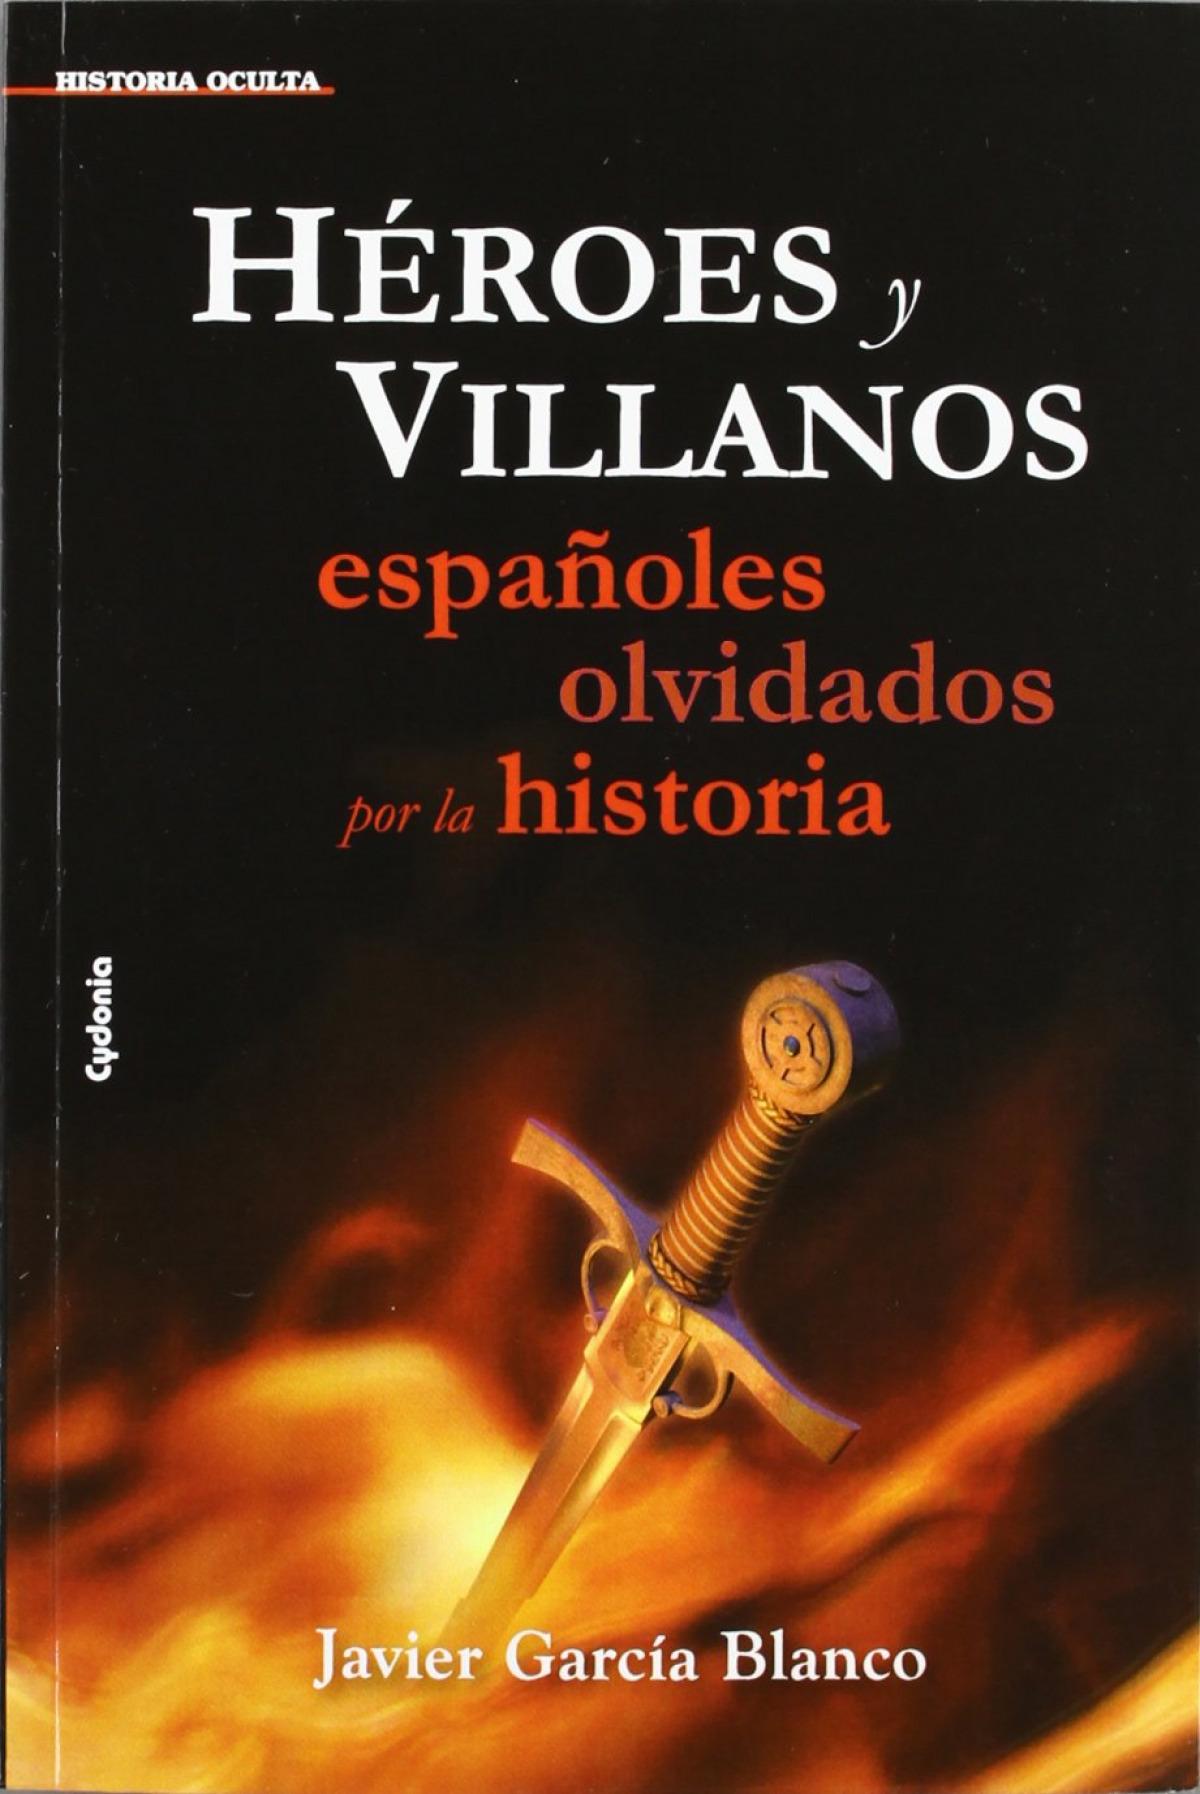 Héroes y villanos 9788493806453